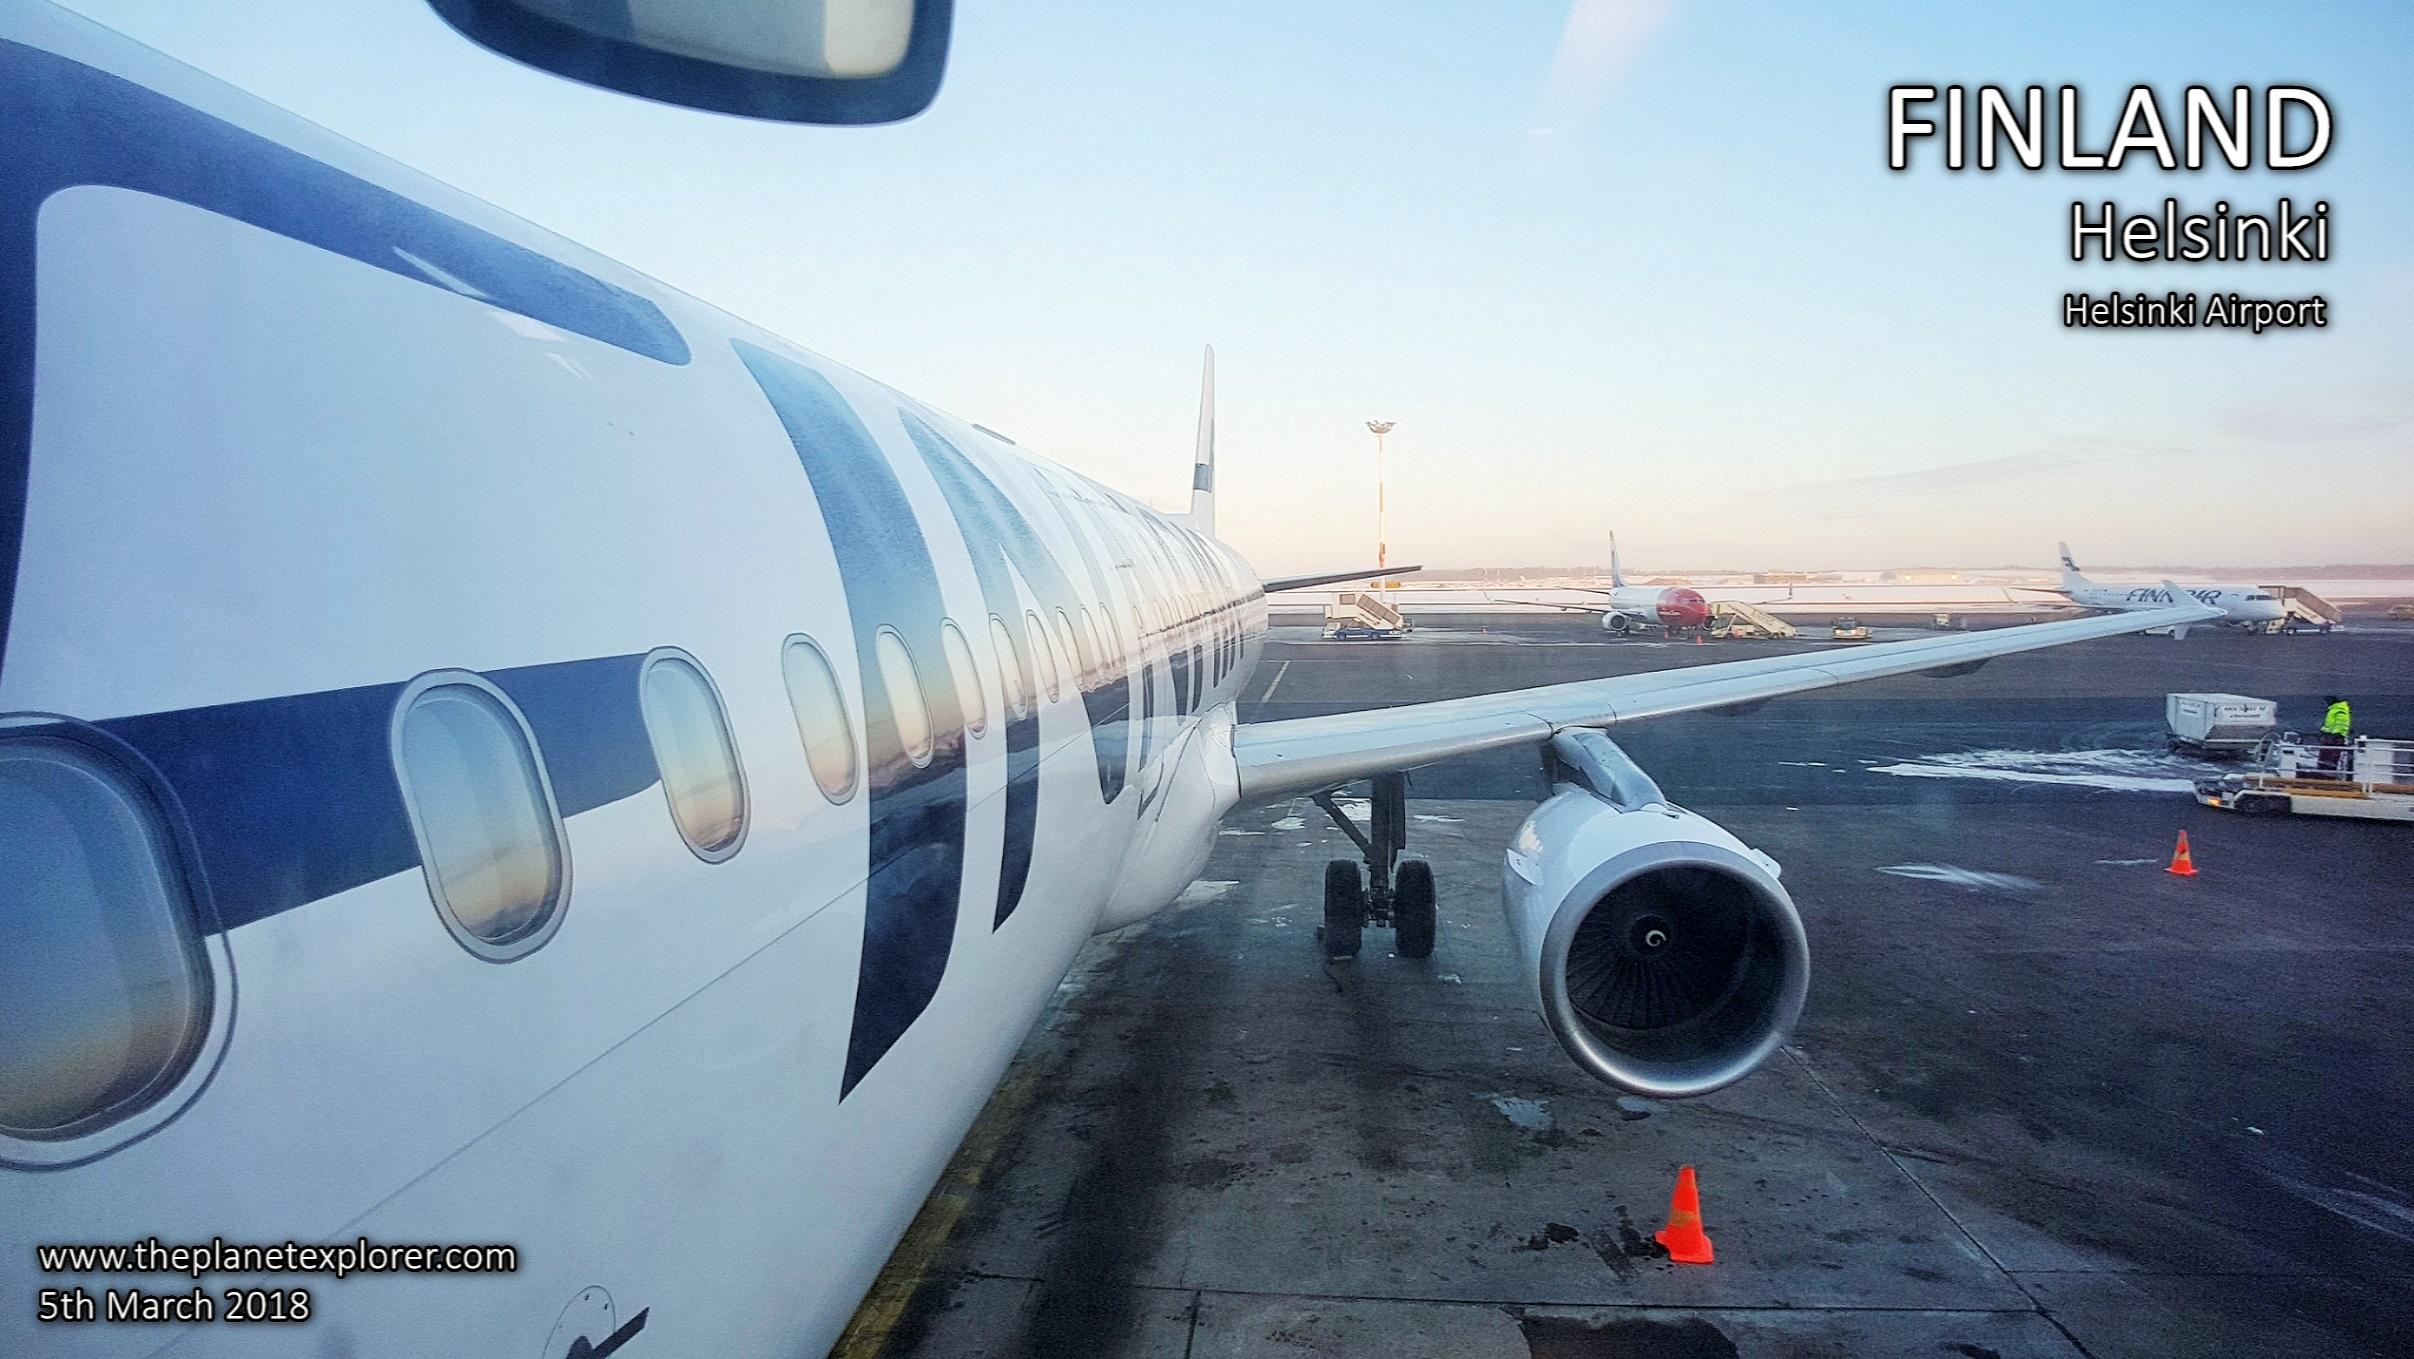 20180305_0738_Finland_Helsinki_Helsinki Airport_Samsung S7_LR_@www